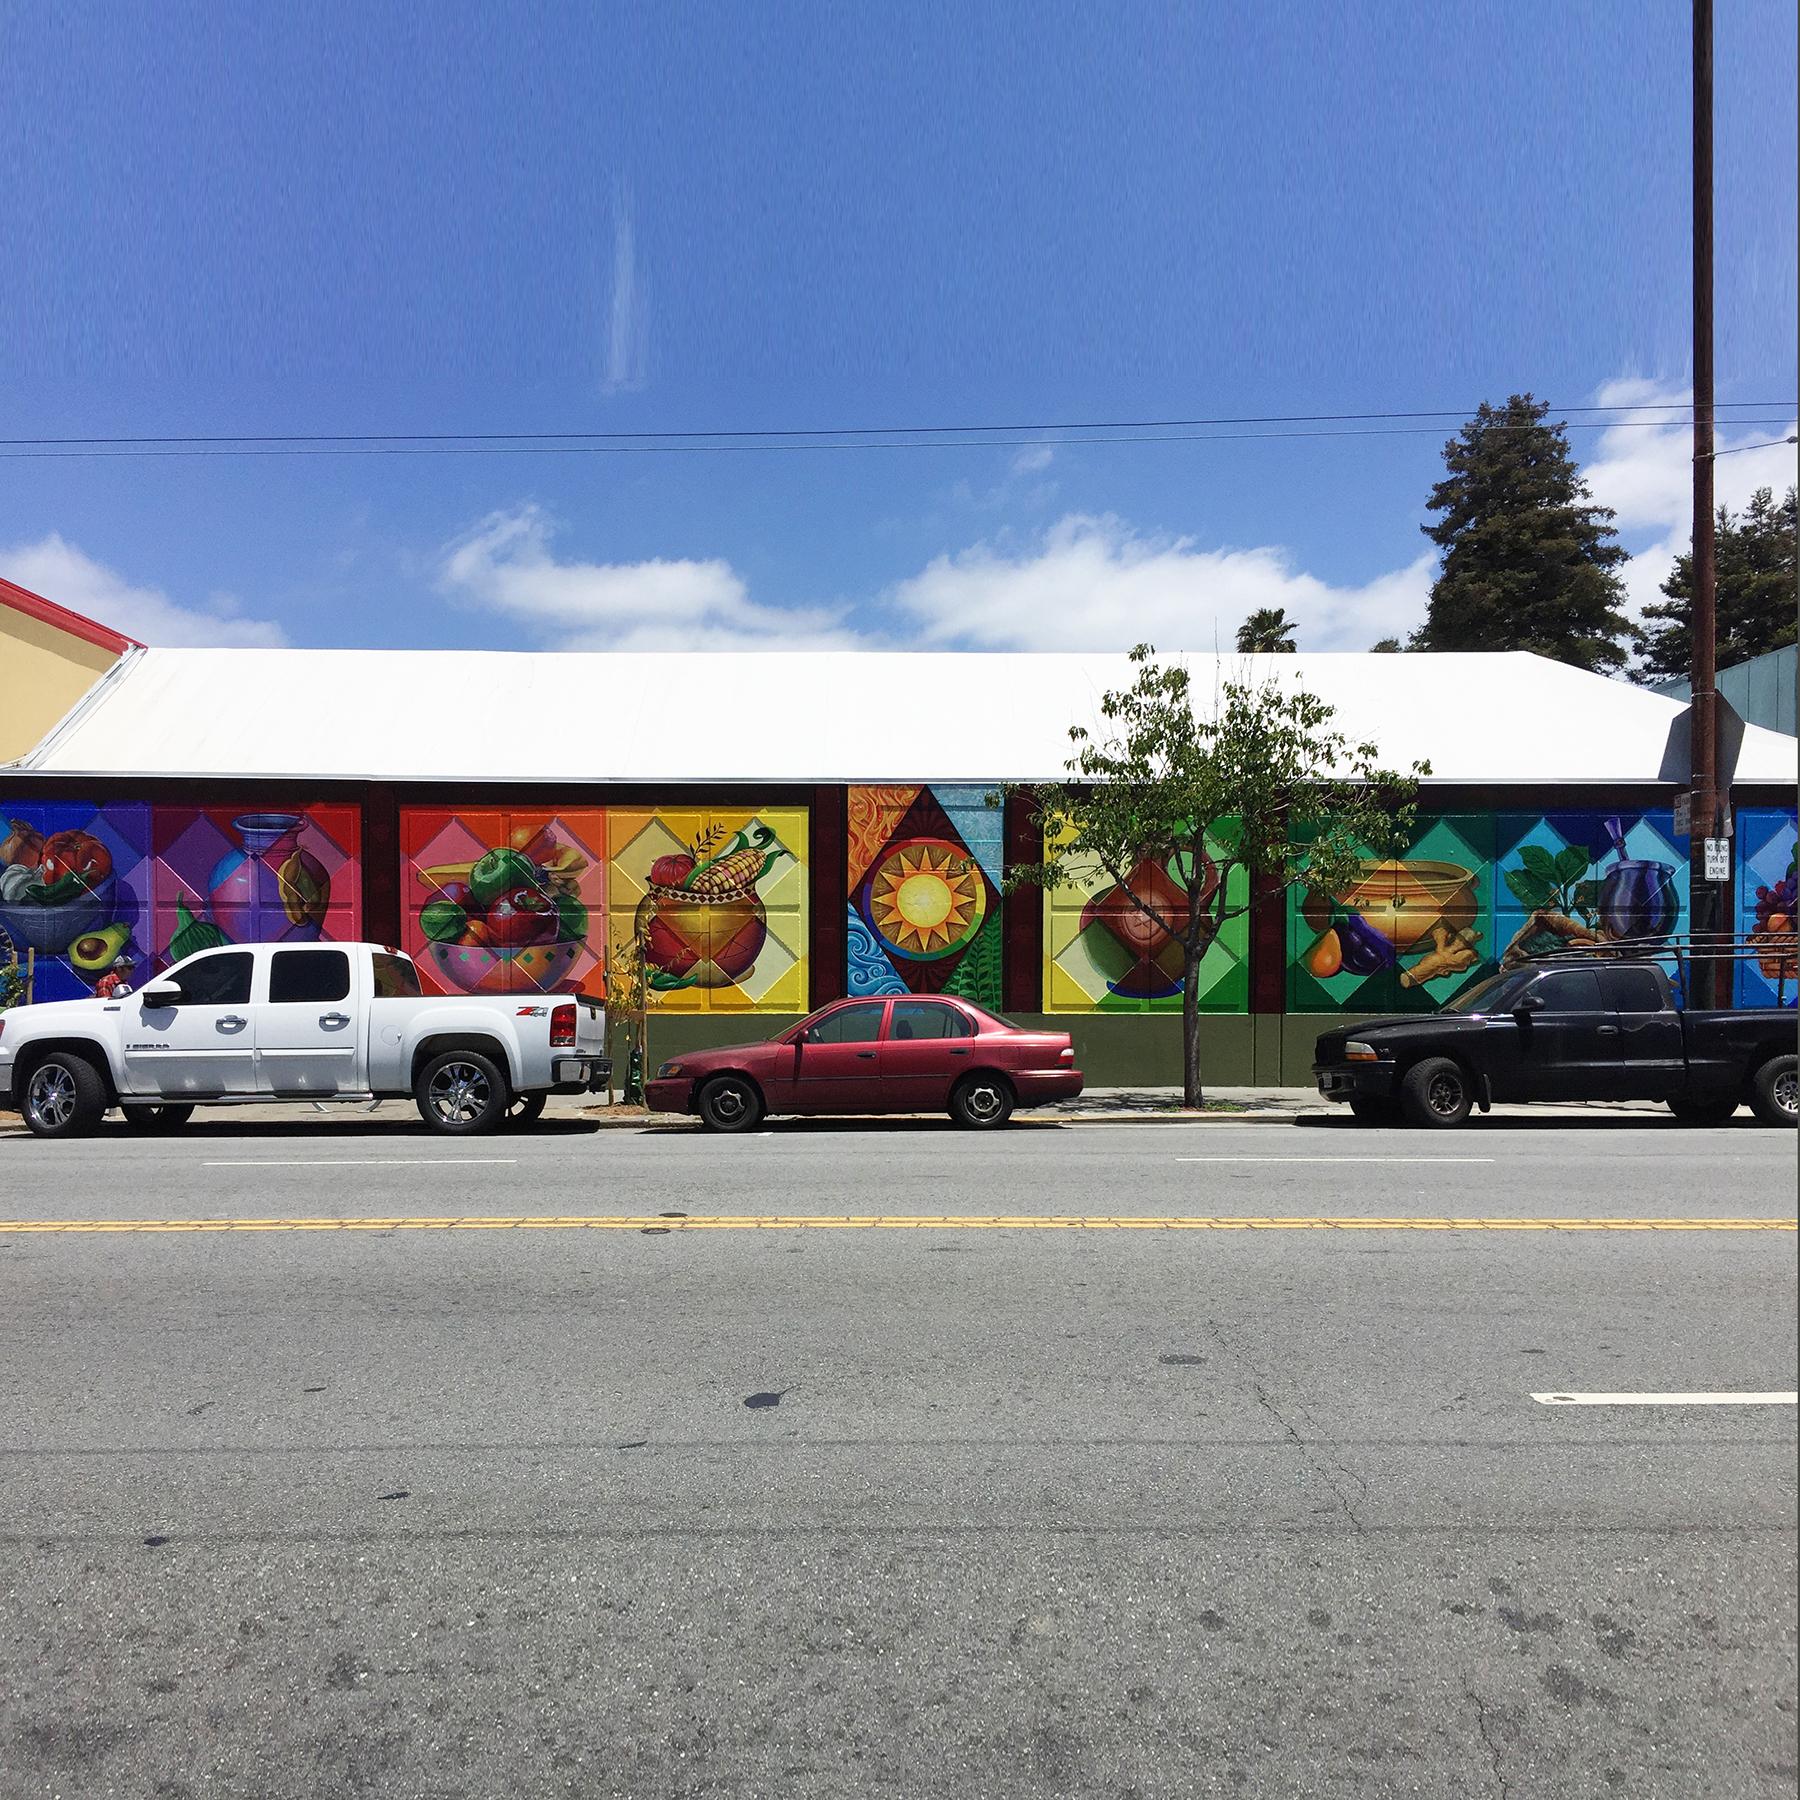 murals_Groceryoutlet_002.jpg